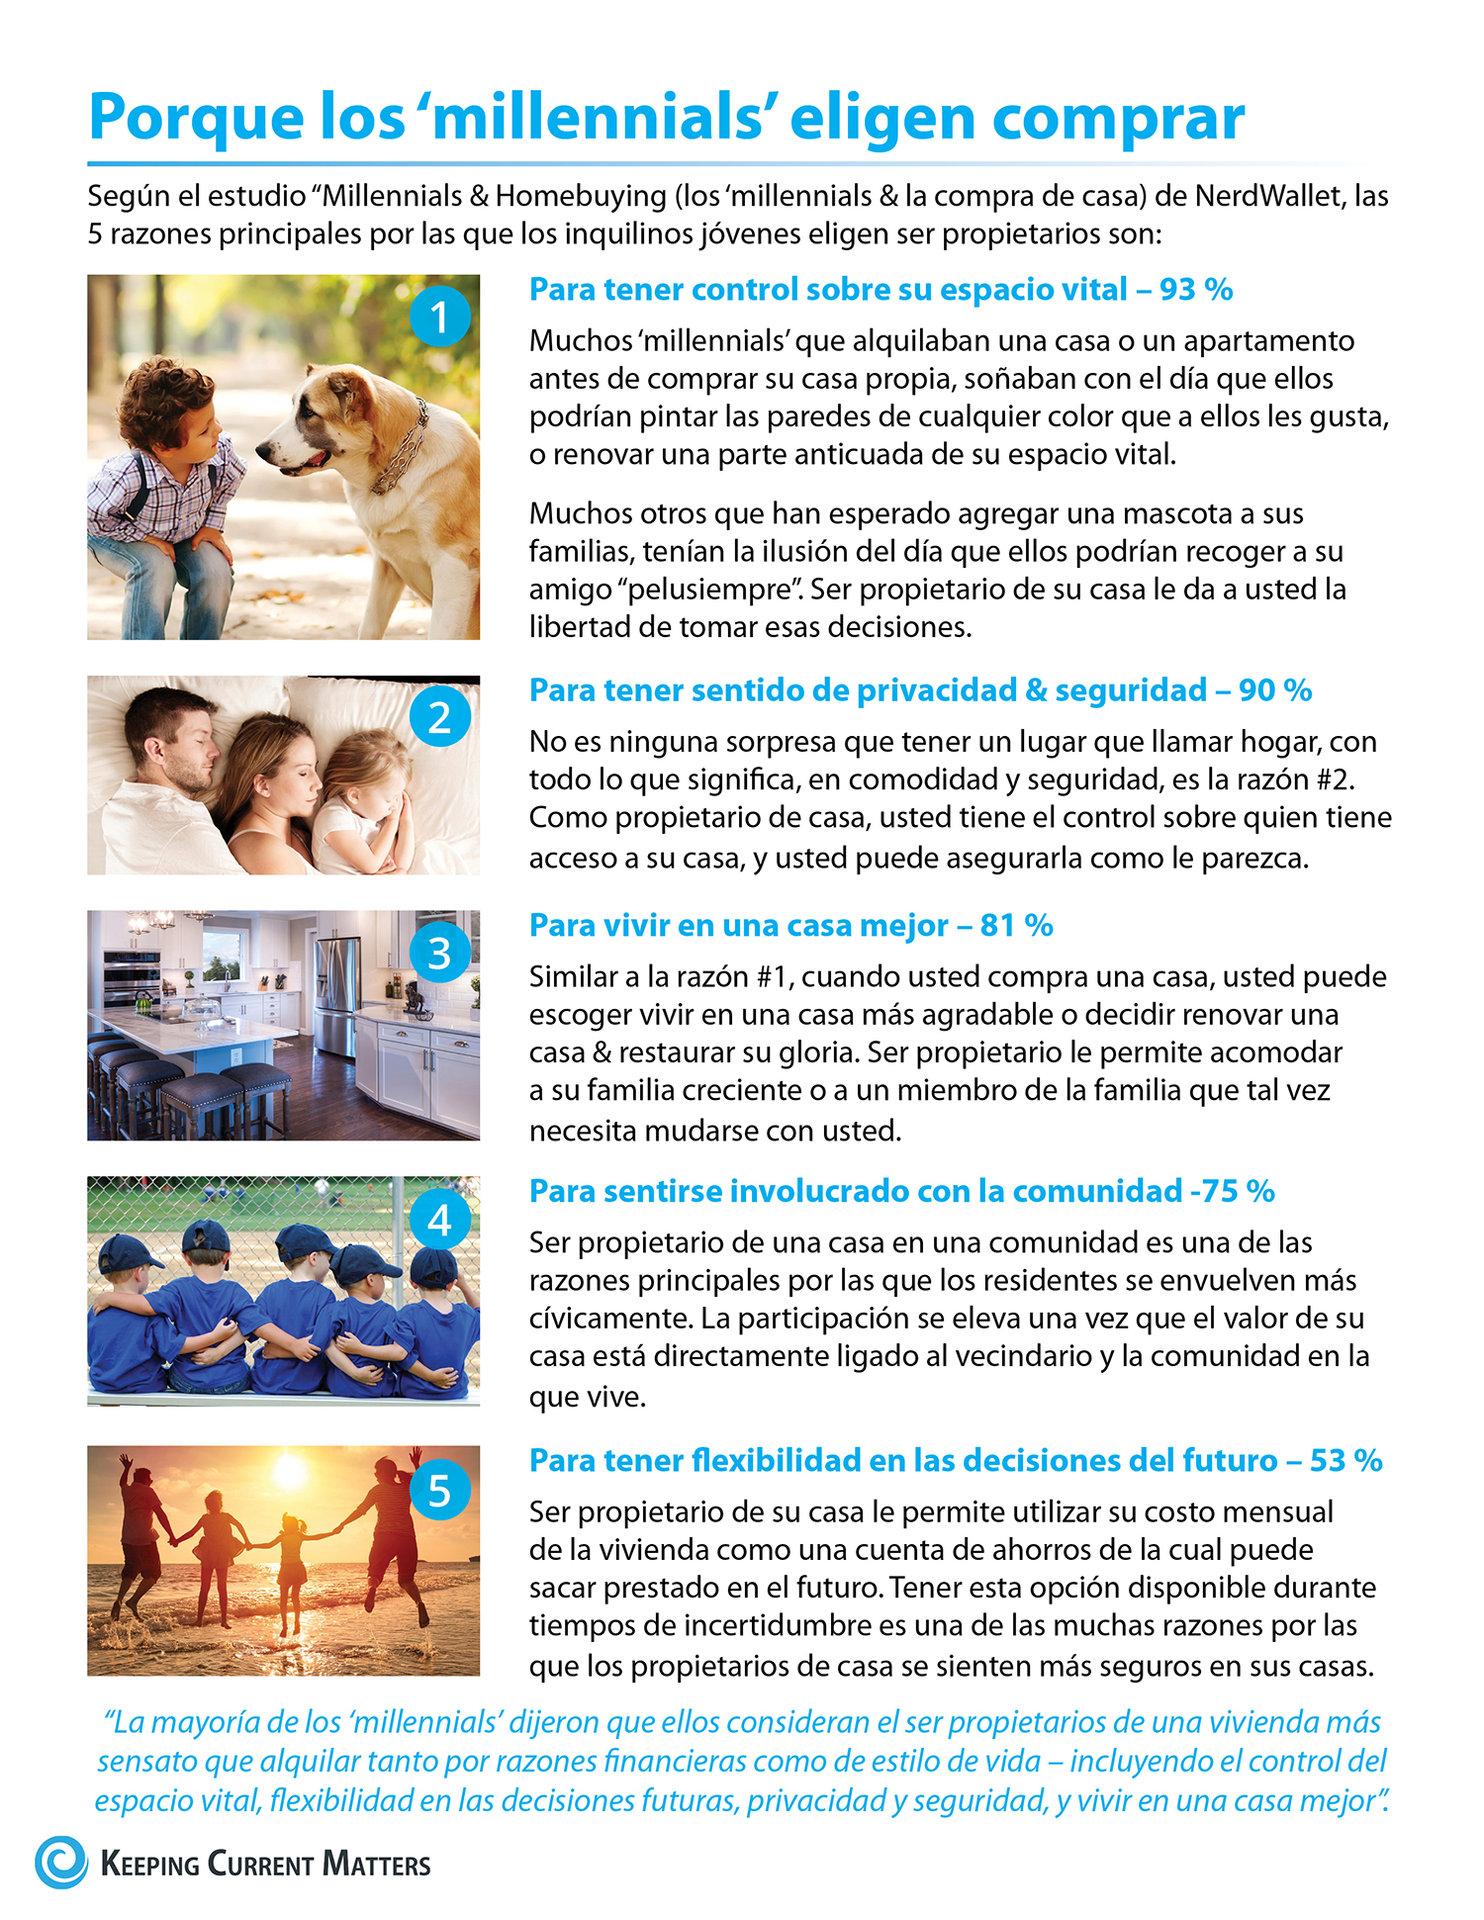 5 razones por las que los 'millennials' eligen comprar una casa [infografía] | Keeping Current Matters